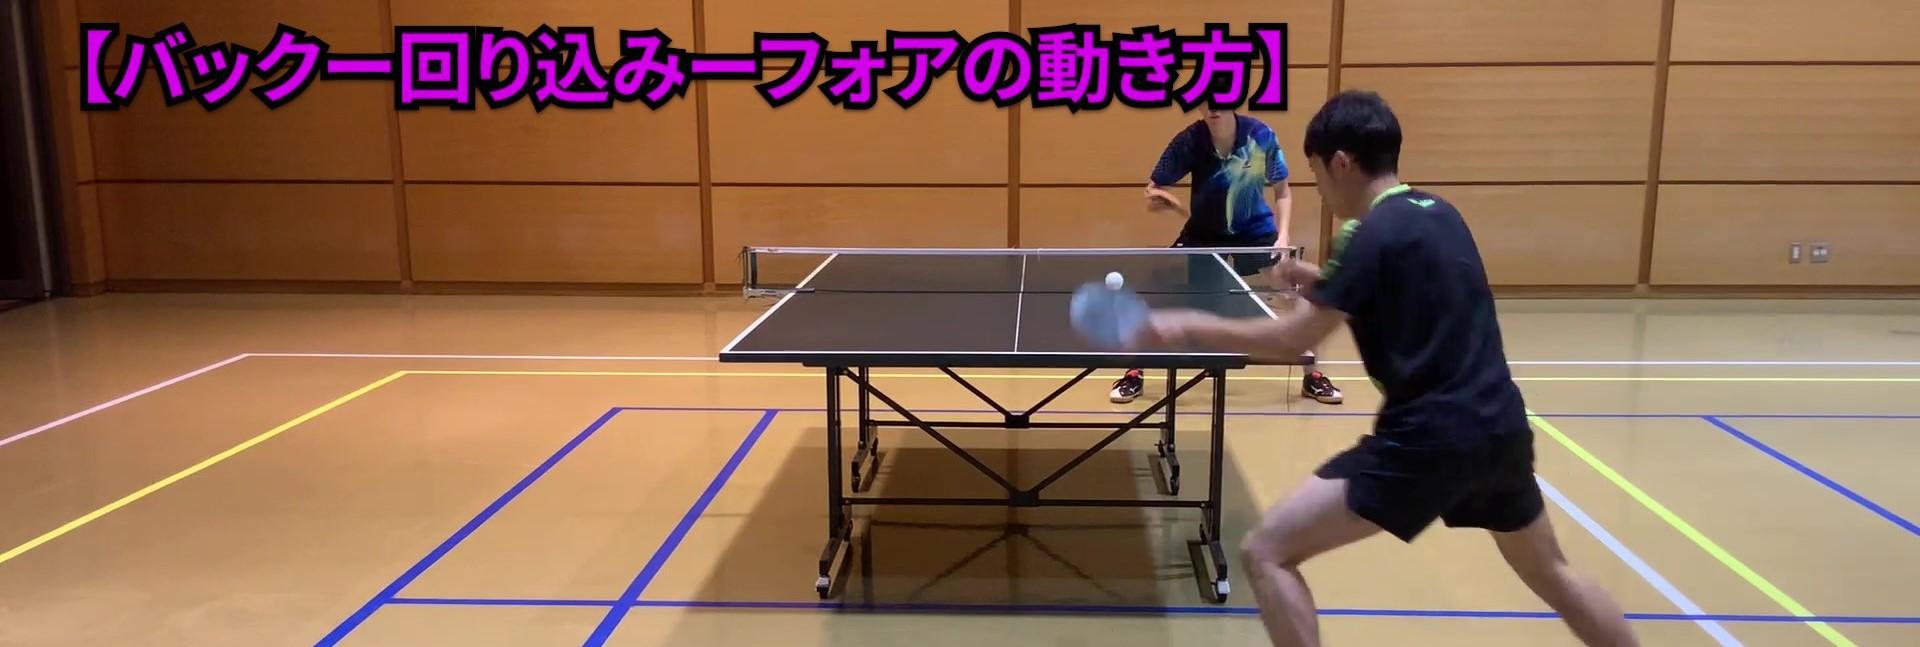 【卓球動画】フットワークの足の動かし方 第二弾「2本1本」